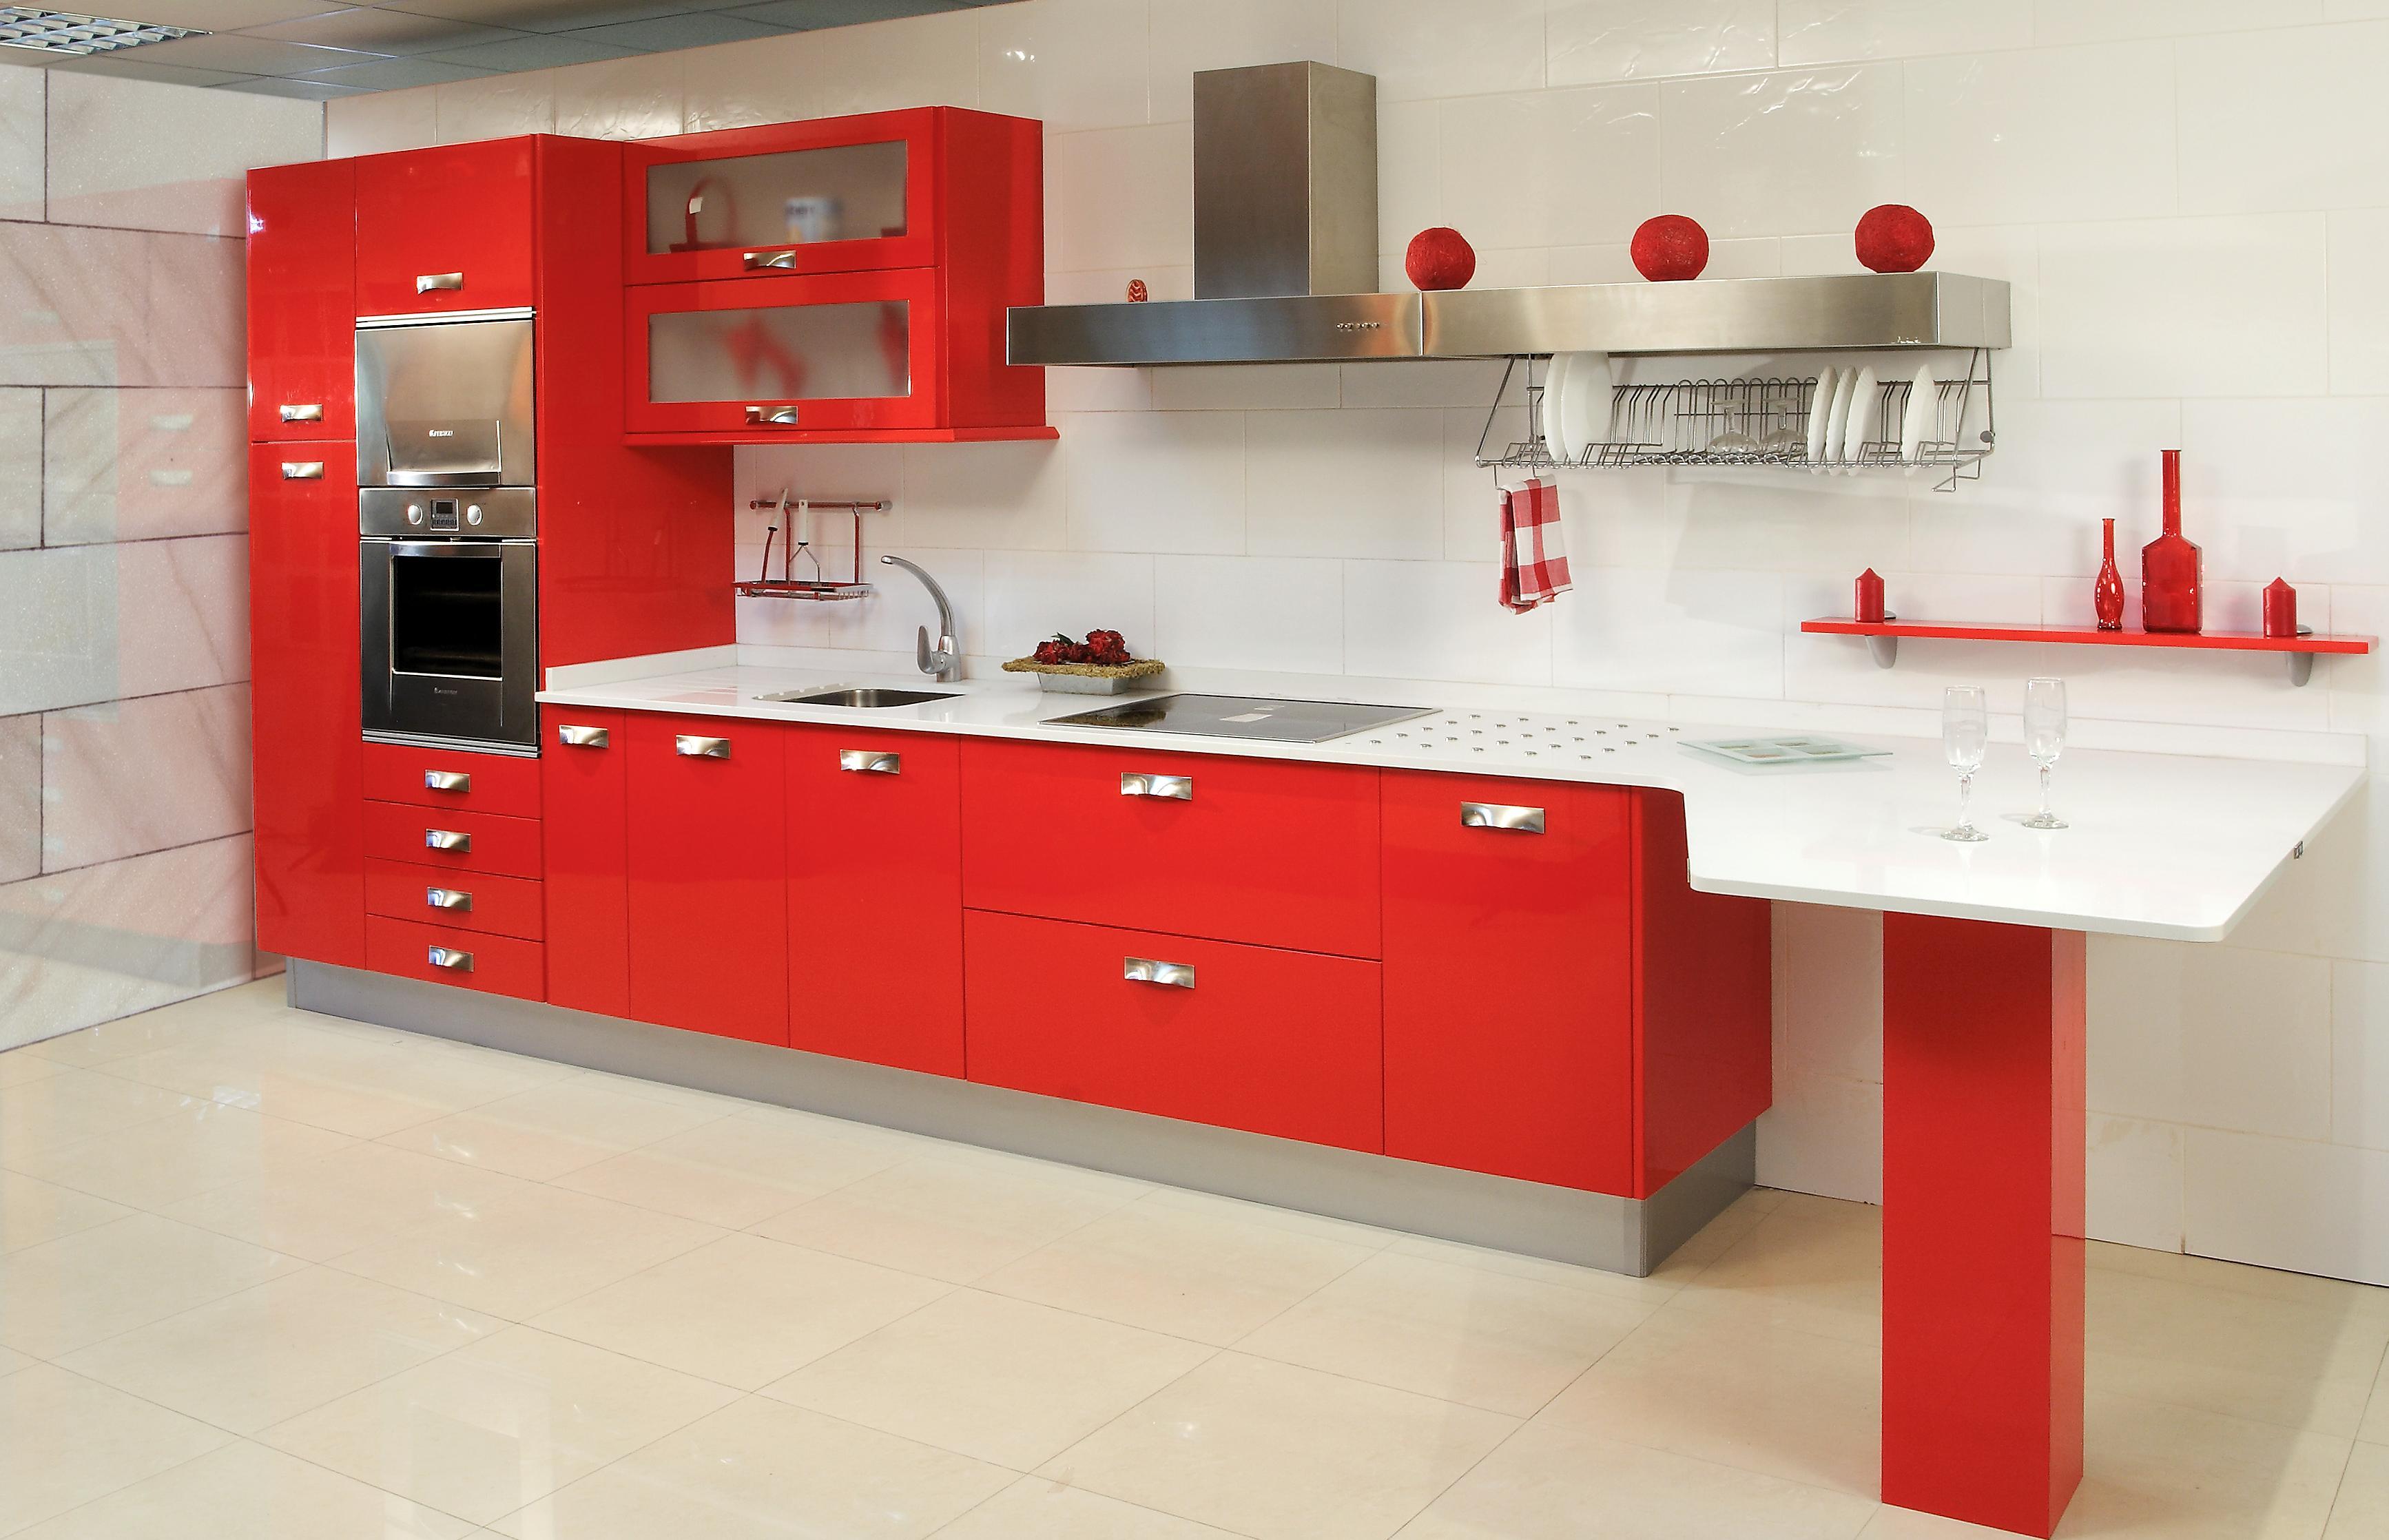 la funcionalidad en las cocinas cocina f cil